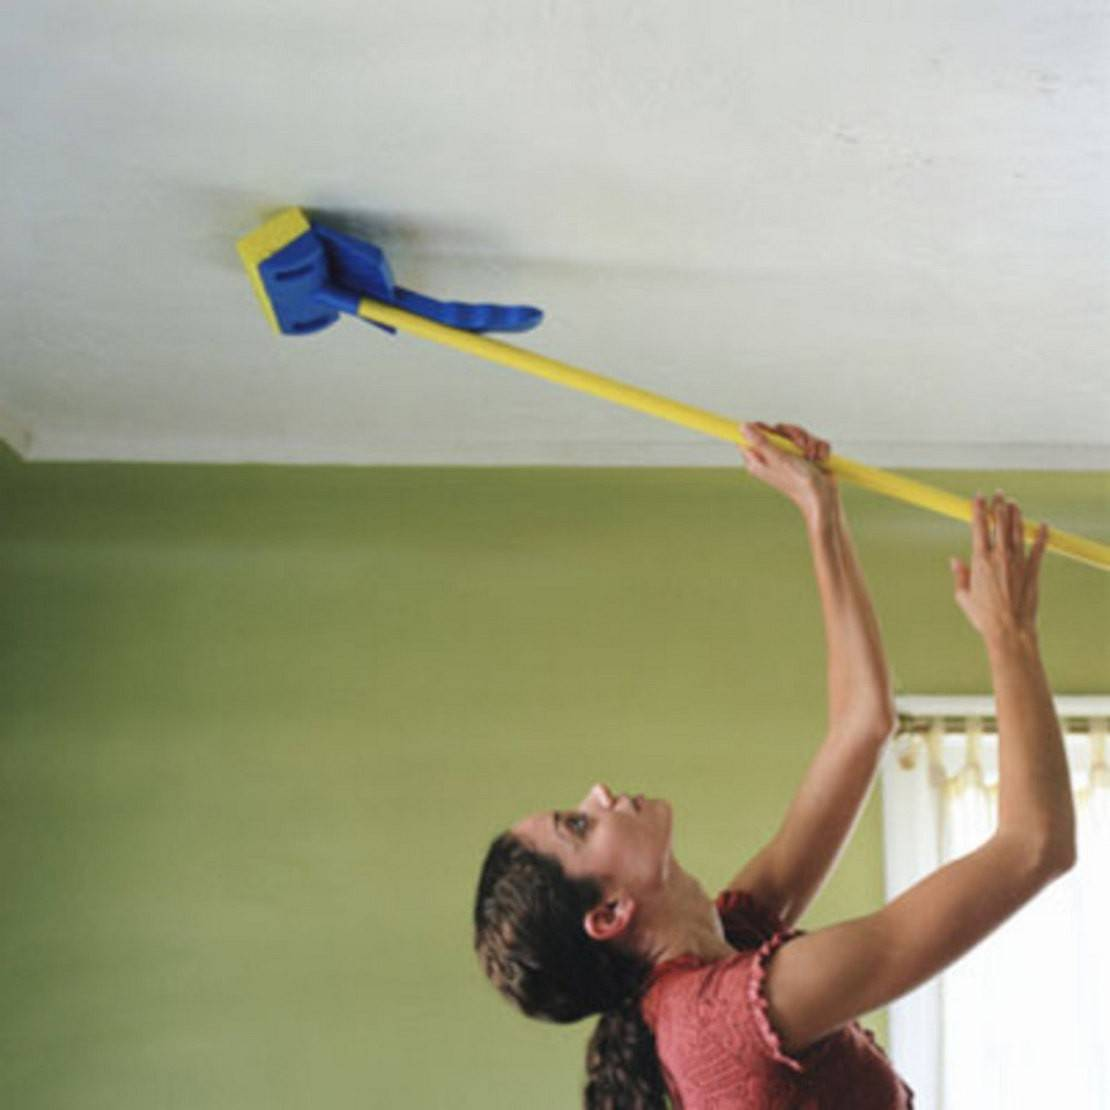 Как обновить потолочную пенопластовую плитку - всё о ремонте потолка